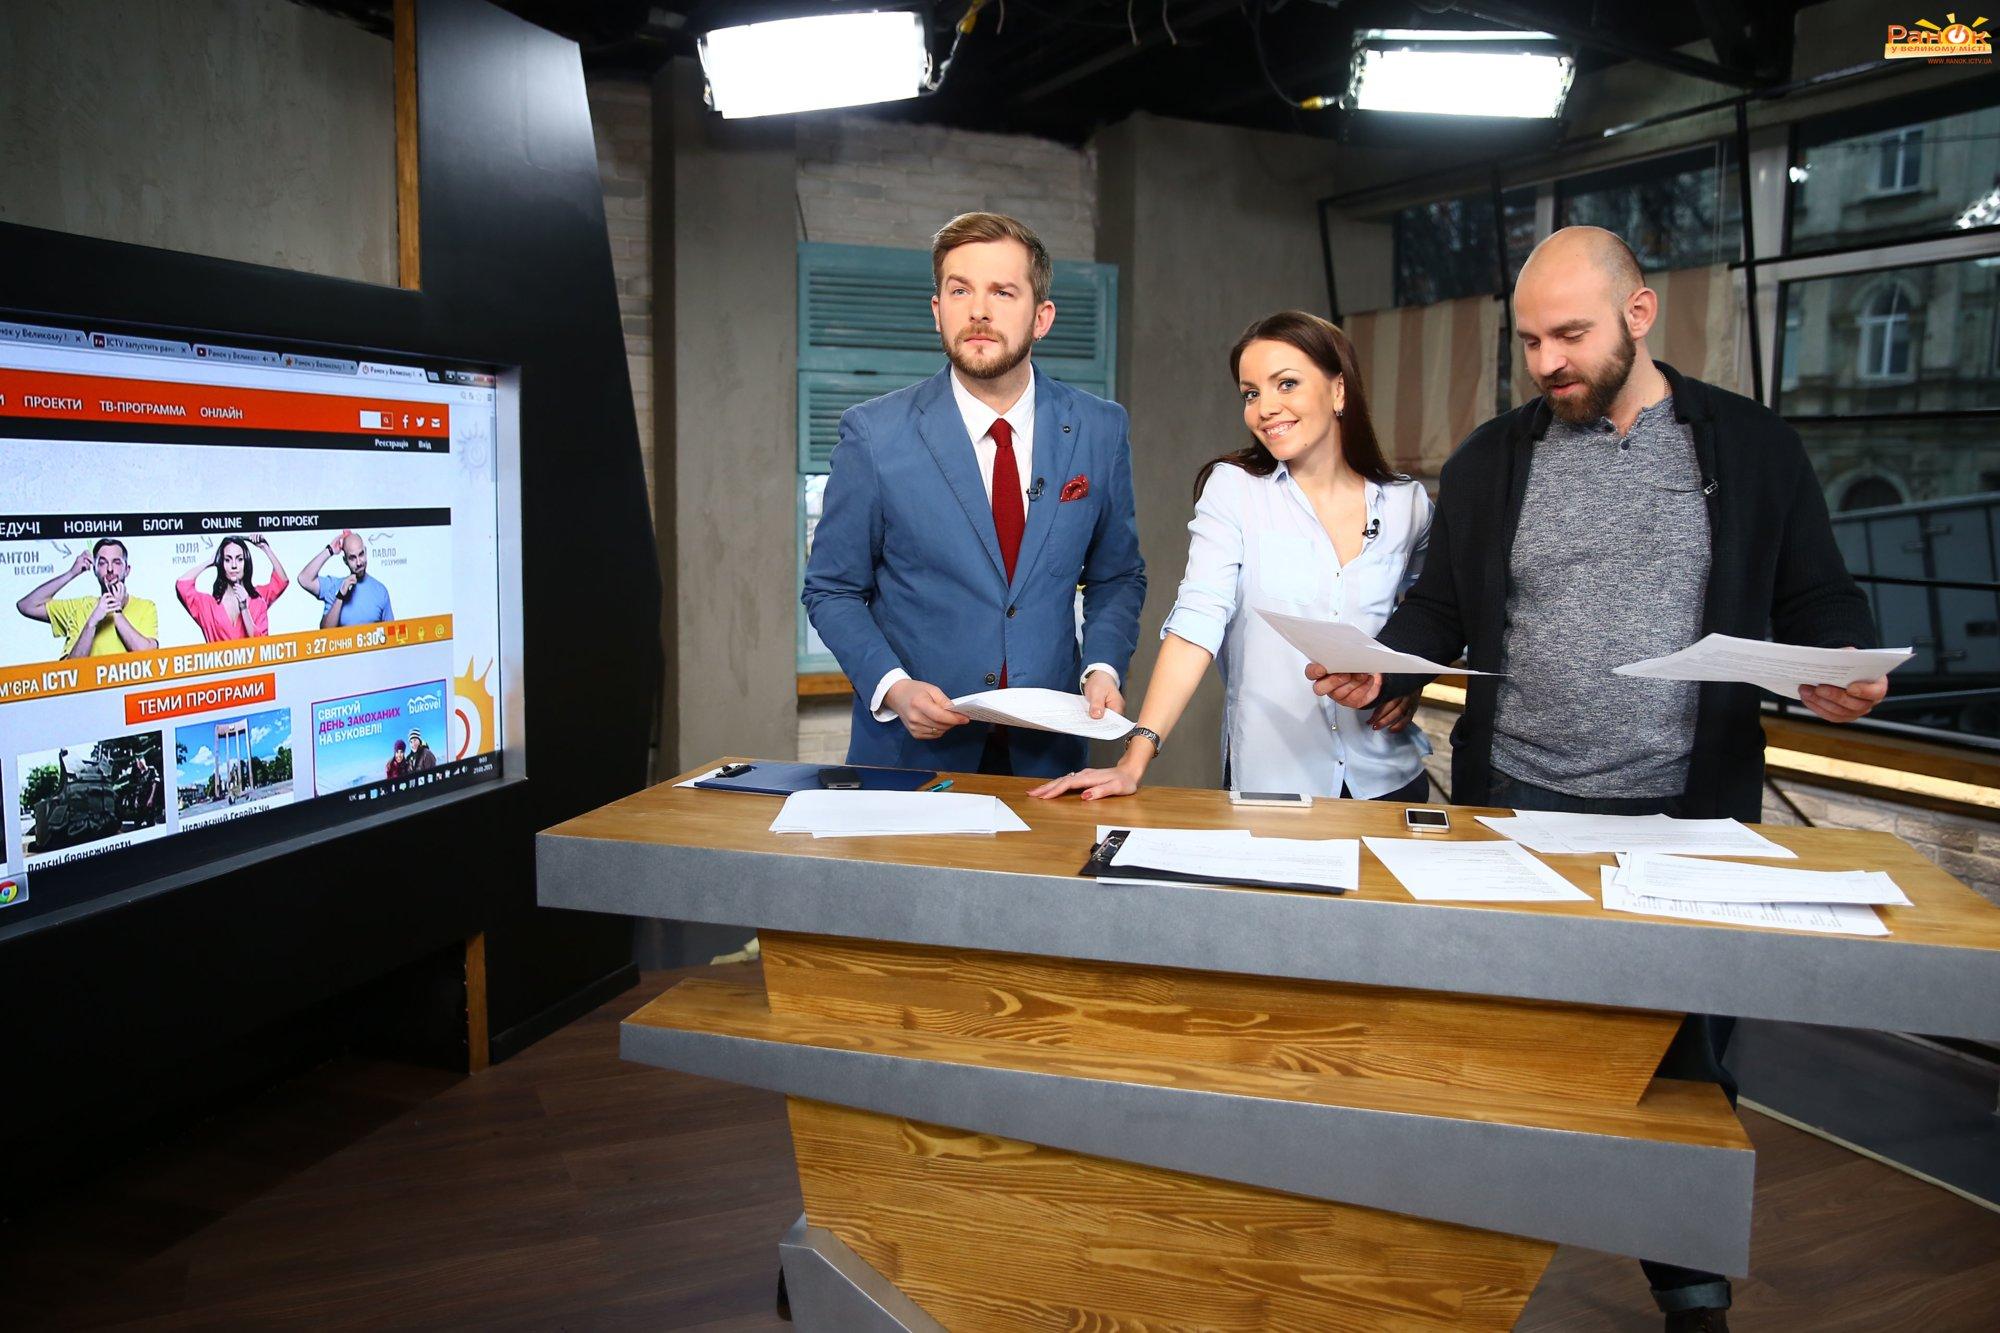 Ведучі ранкового шоу на ICTV Павло Казарін, Антон Равицький та Юлія Зорій — про улюблені заклади та місця столиці